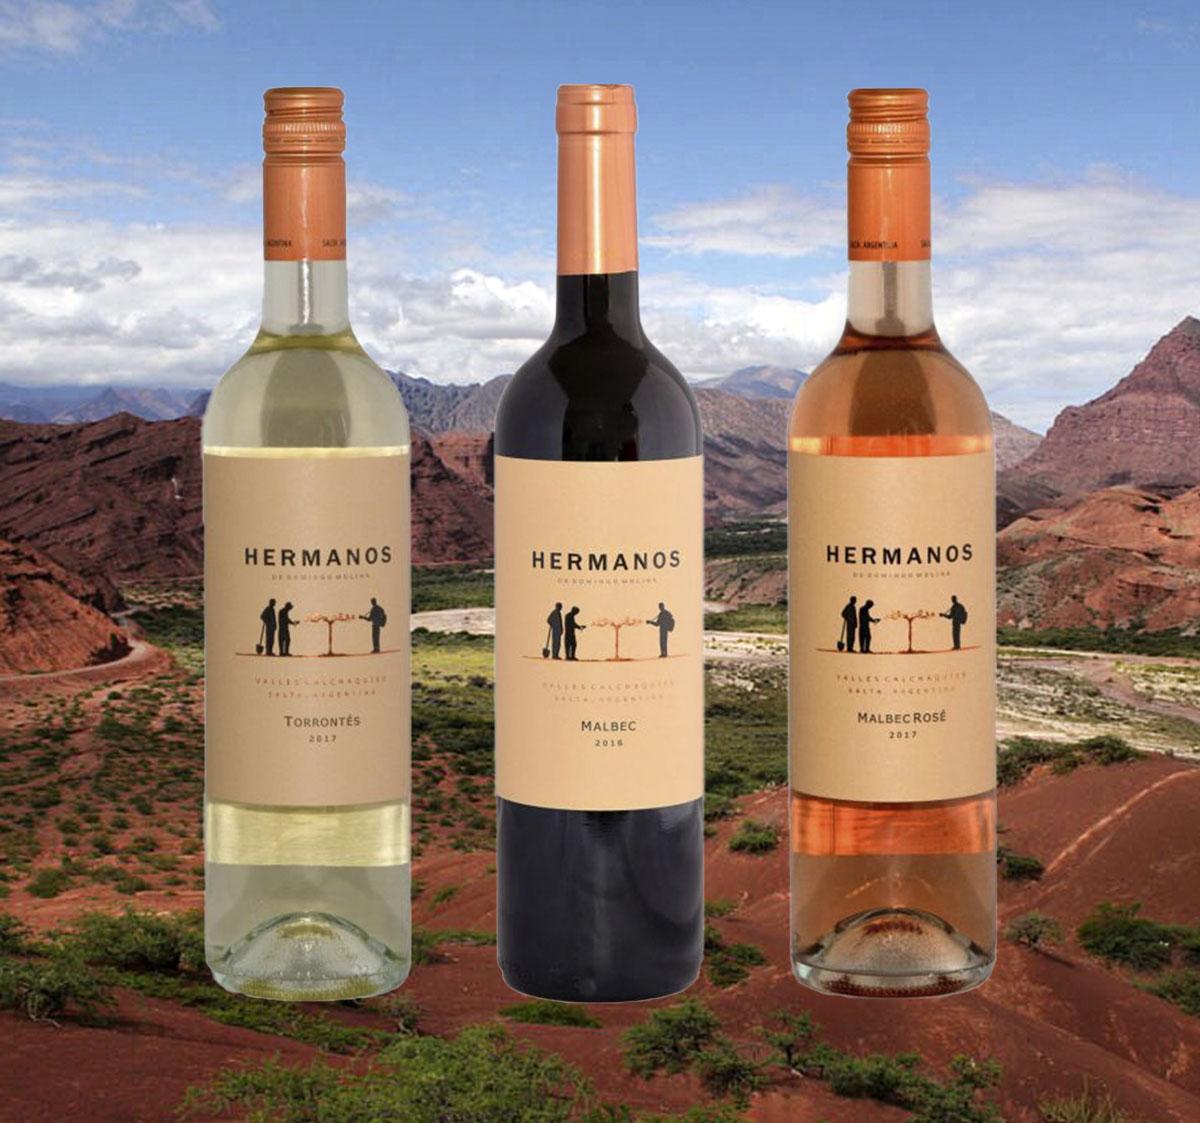 Probierpaket 8 - Weine aus den höchstgelegenen Regionen Argentiniens.